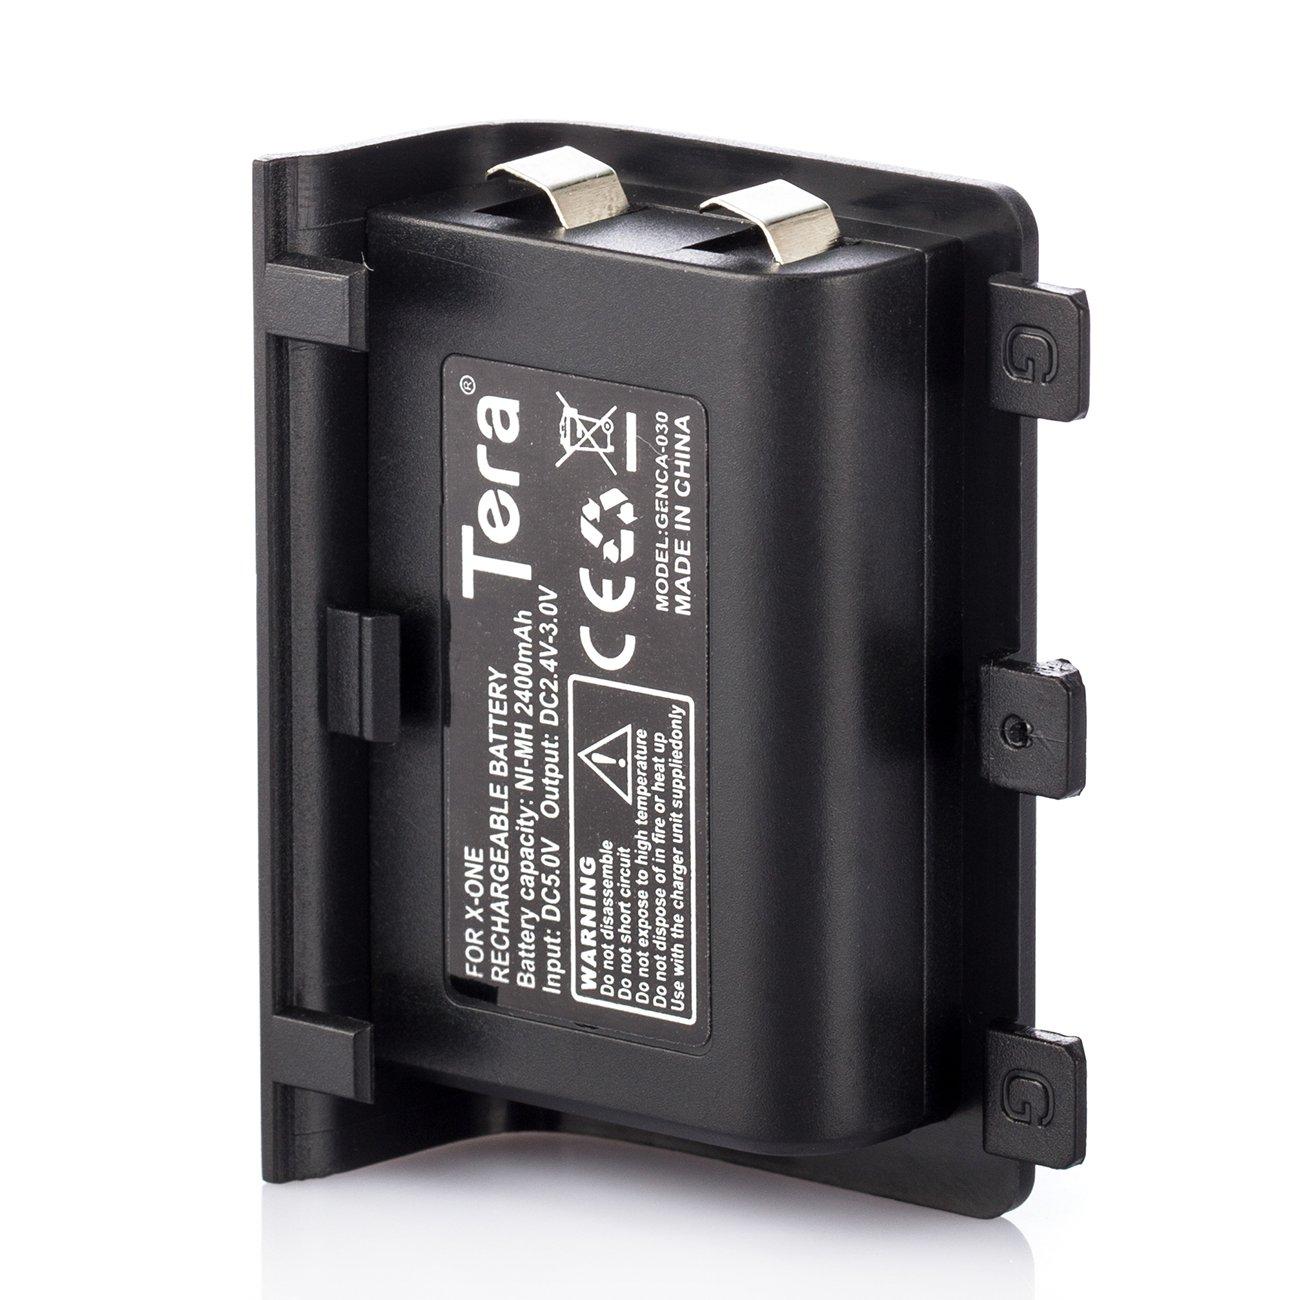 Tera 2pcs 2400 mAh batería Recargable de Repuesto para Xbox One Controlador con Cable de Carga Negro con Tera Gamuza de Polvo: Amazon.es: Informática